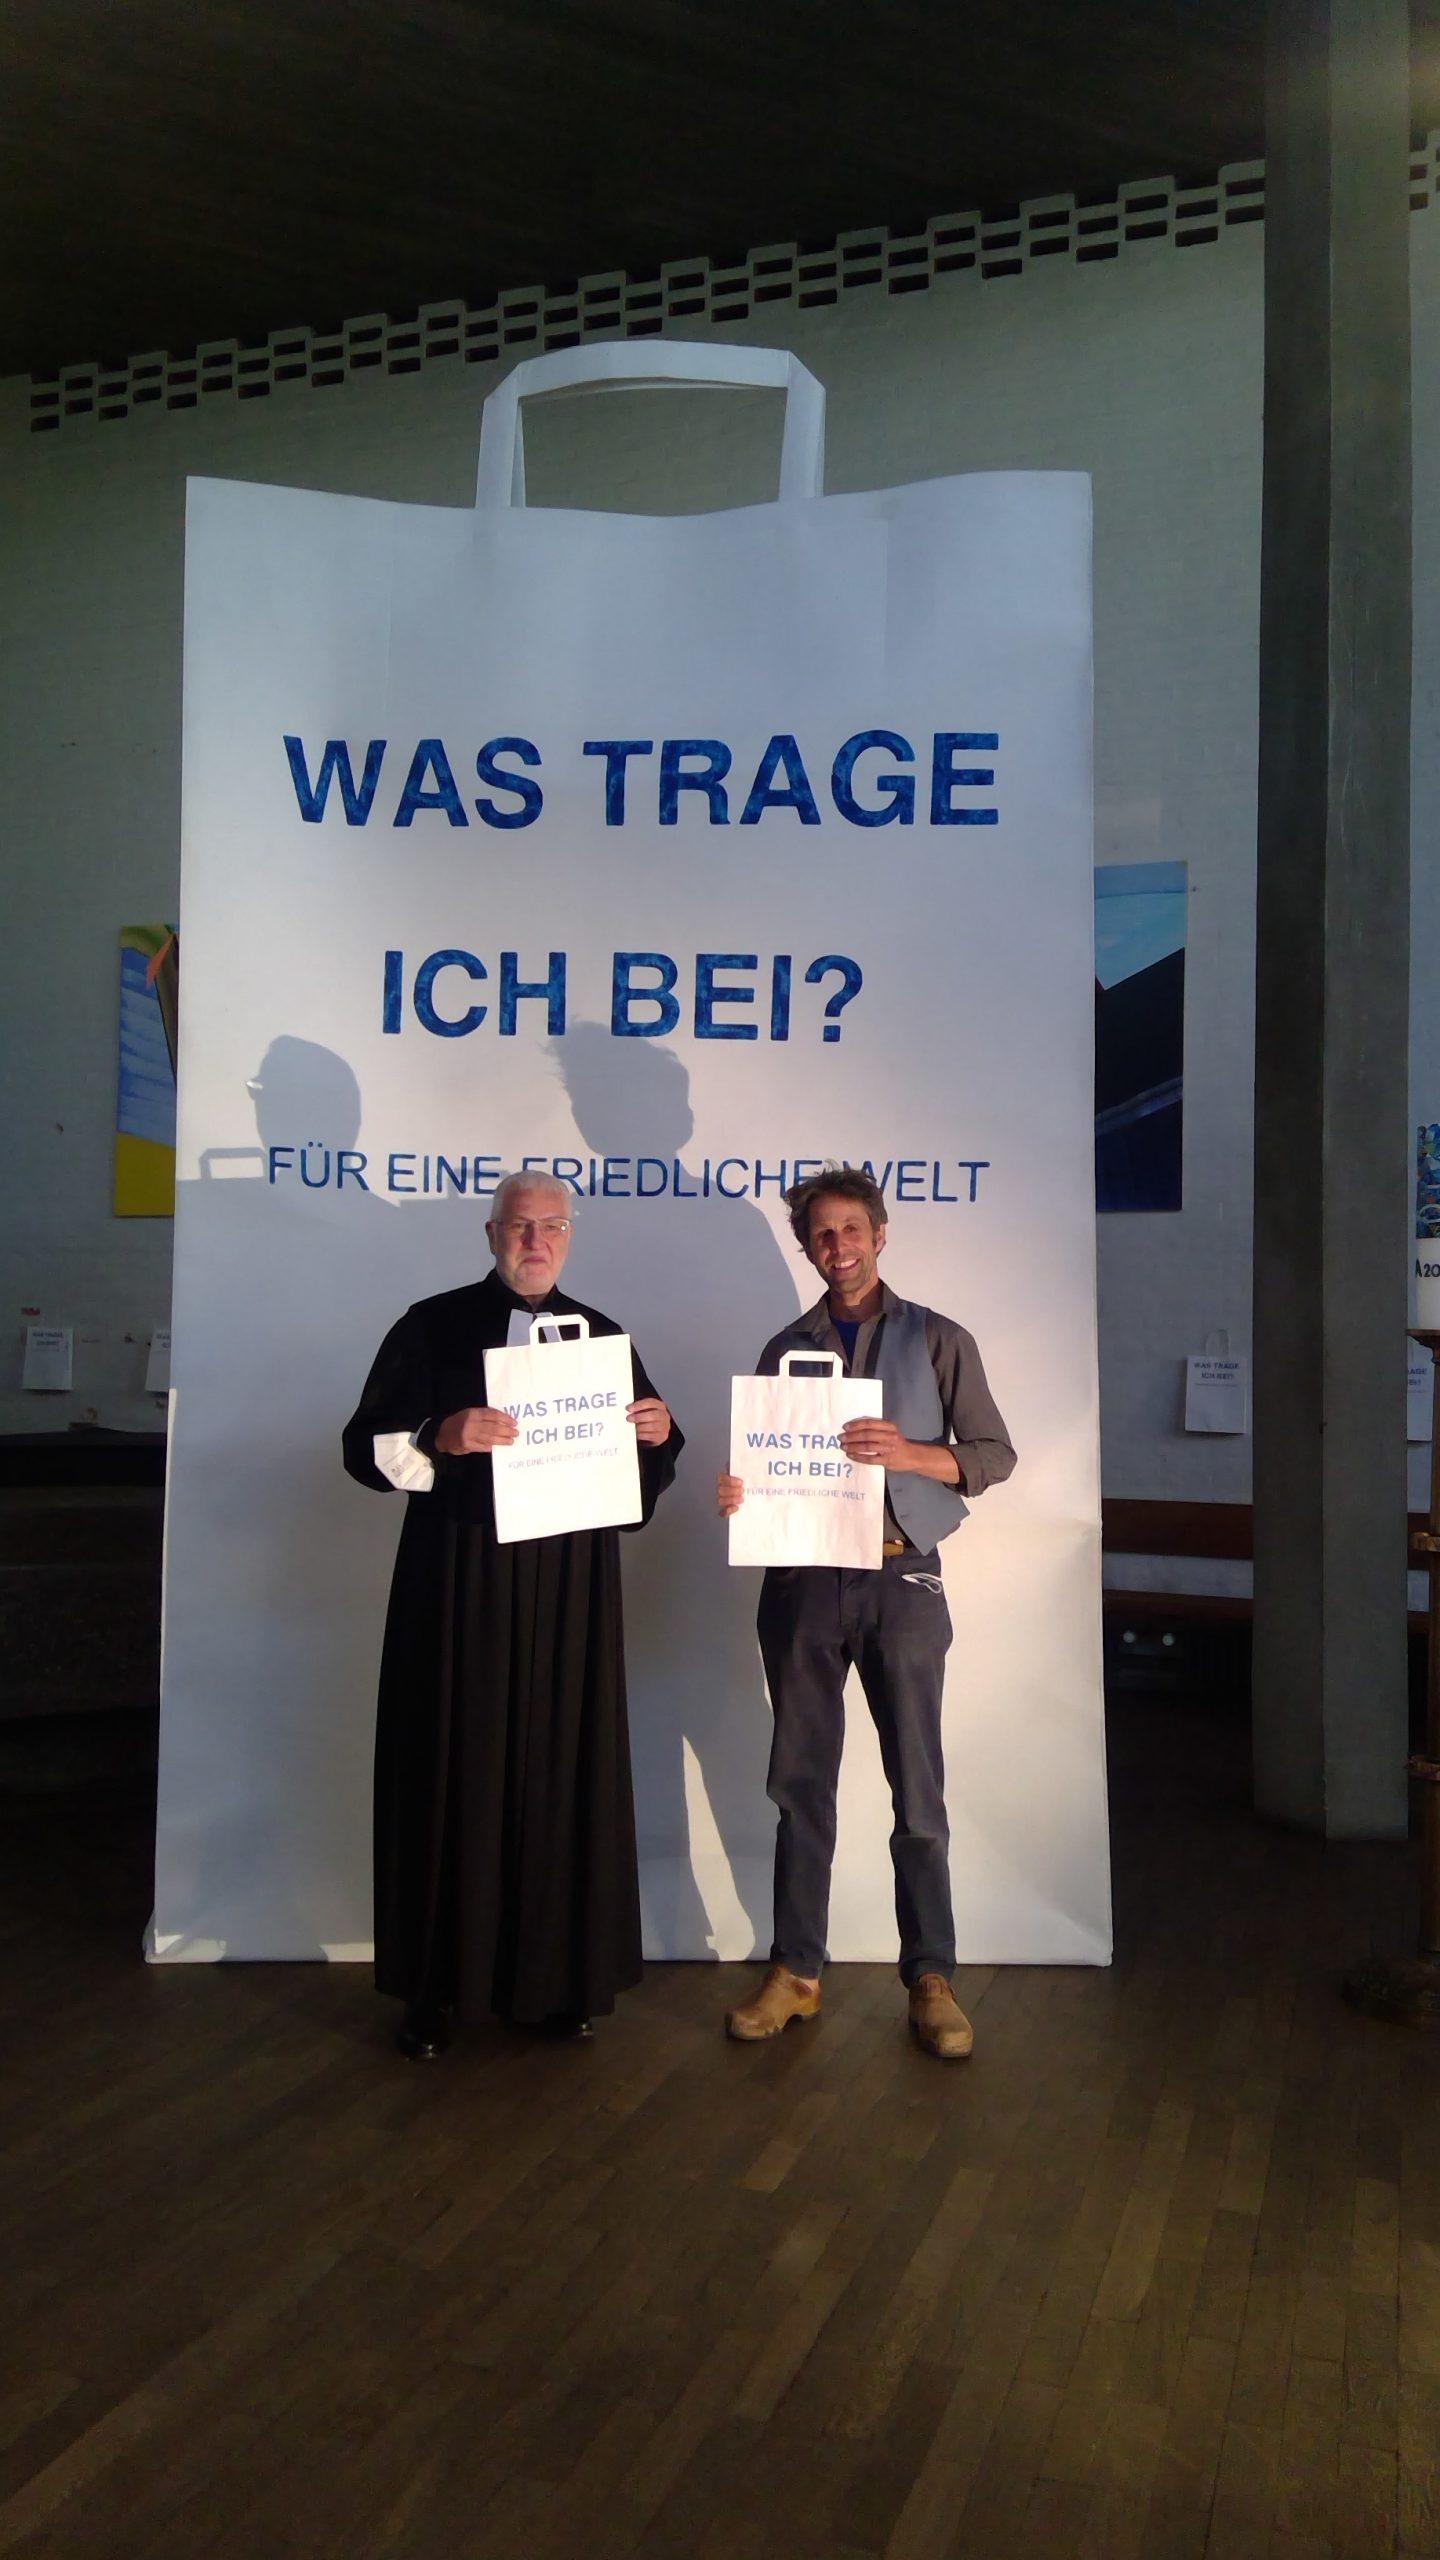 Eine riesige Papiertüte Was trage ich bei? Für eine friedliche Welt im HIntergrund. Davor stehen zwei Männer. Links ein Pfarrer, rechts ein Mann mit blauer Kleidung. Beide haben eine Papiertüte in der Hand.